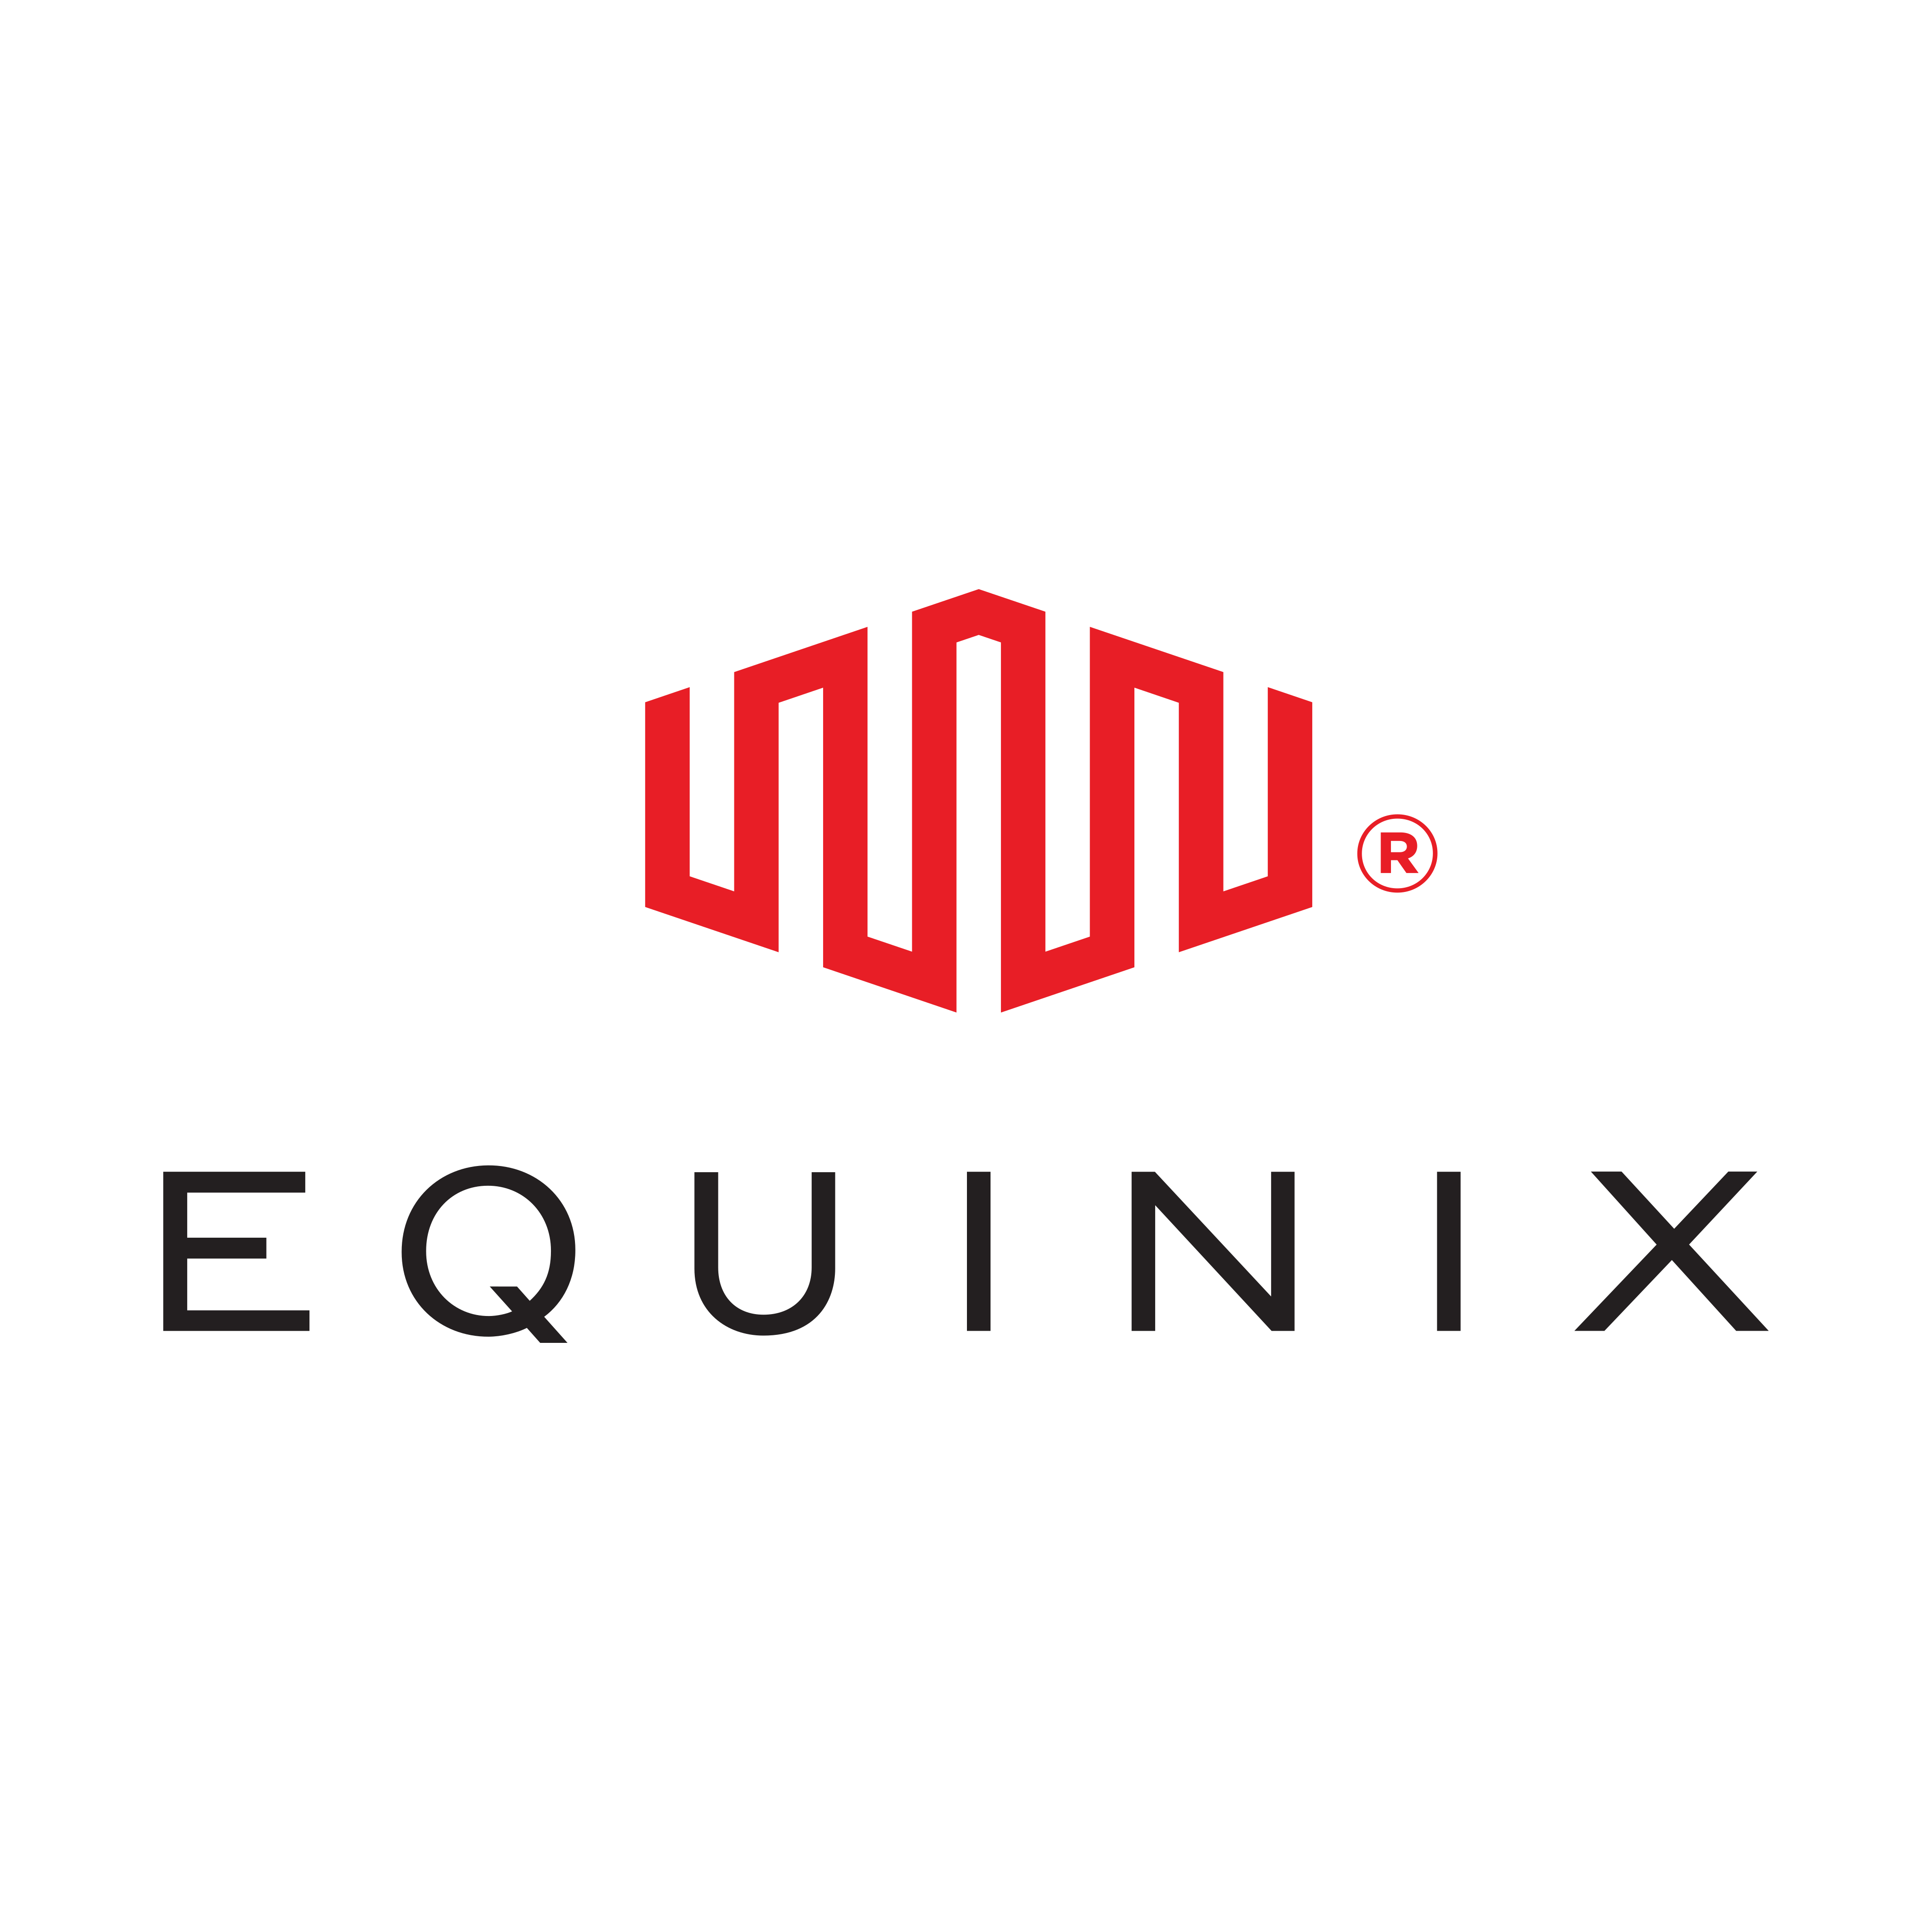 equinix logo 0 - Equinix Logo